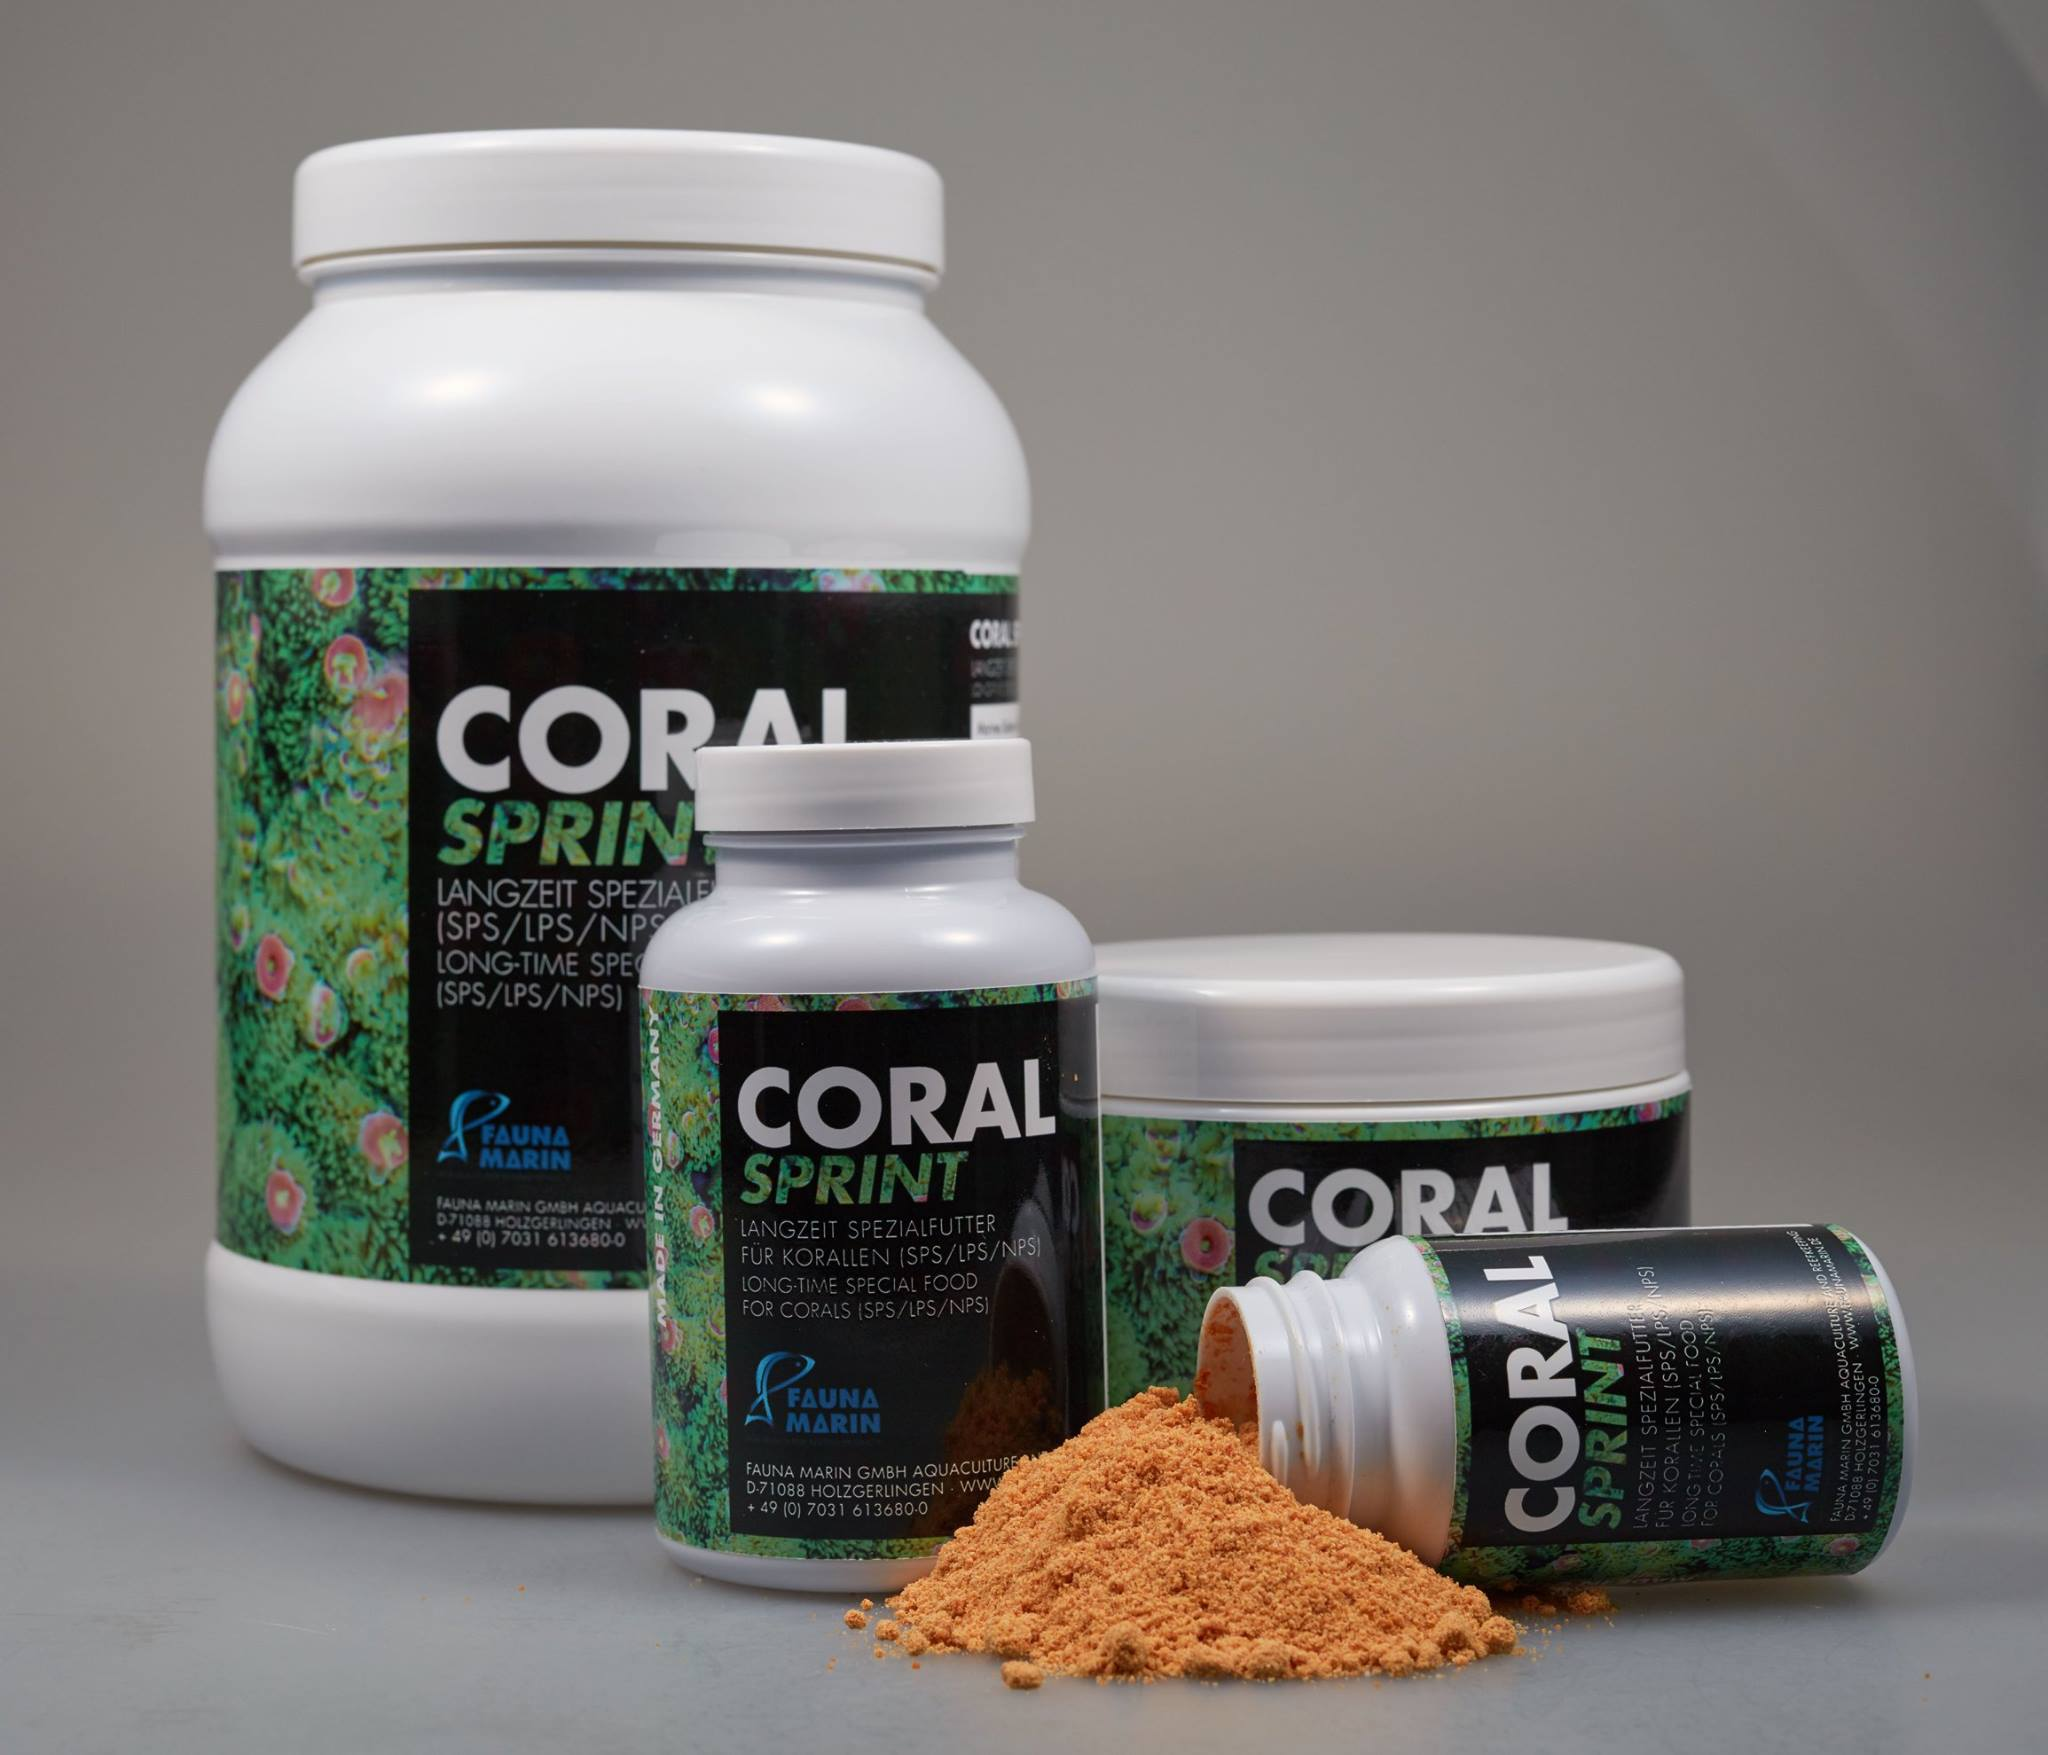 Fauna Marin Coral Sprint - alimentazione per coralli SPS